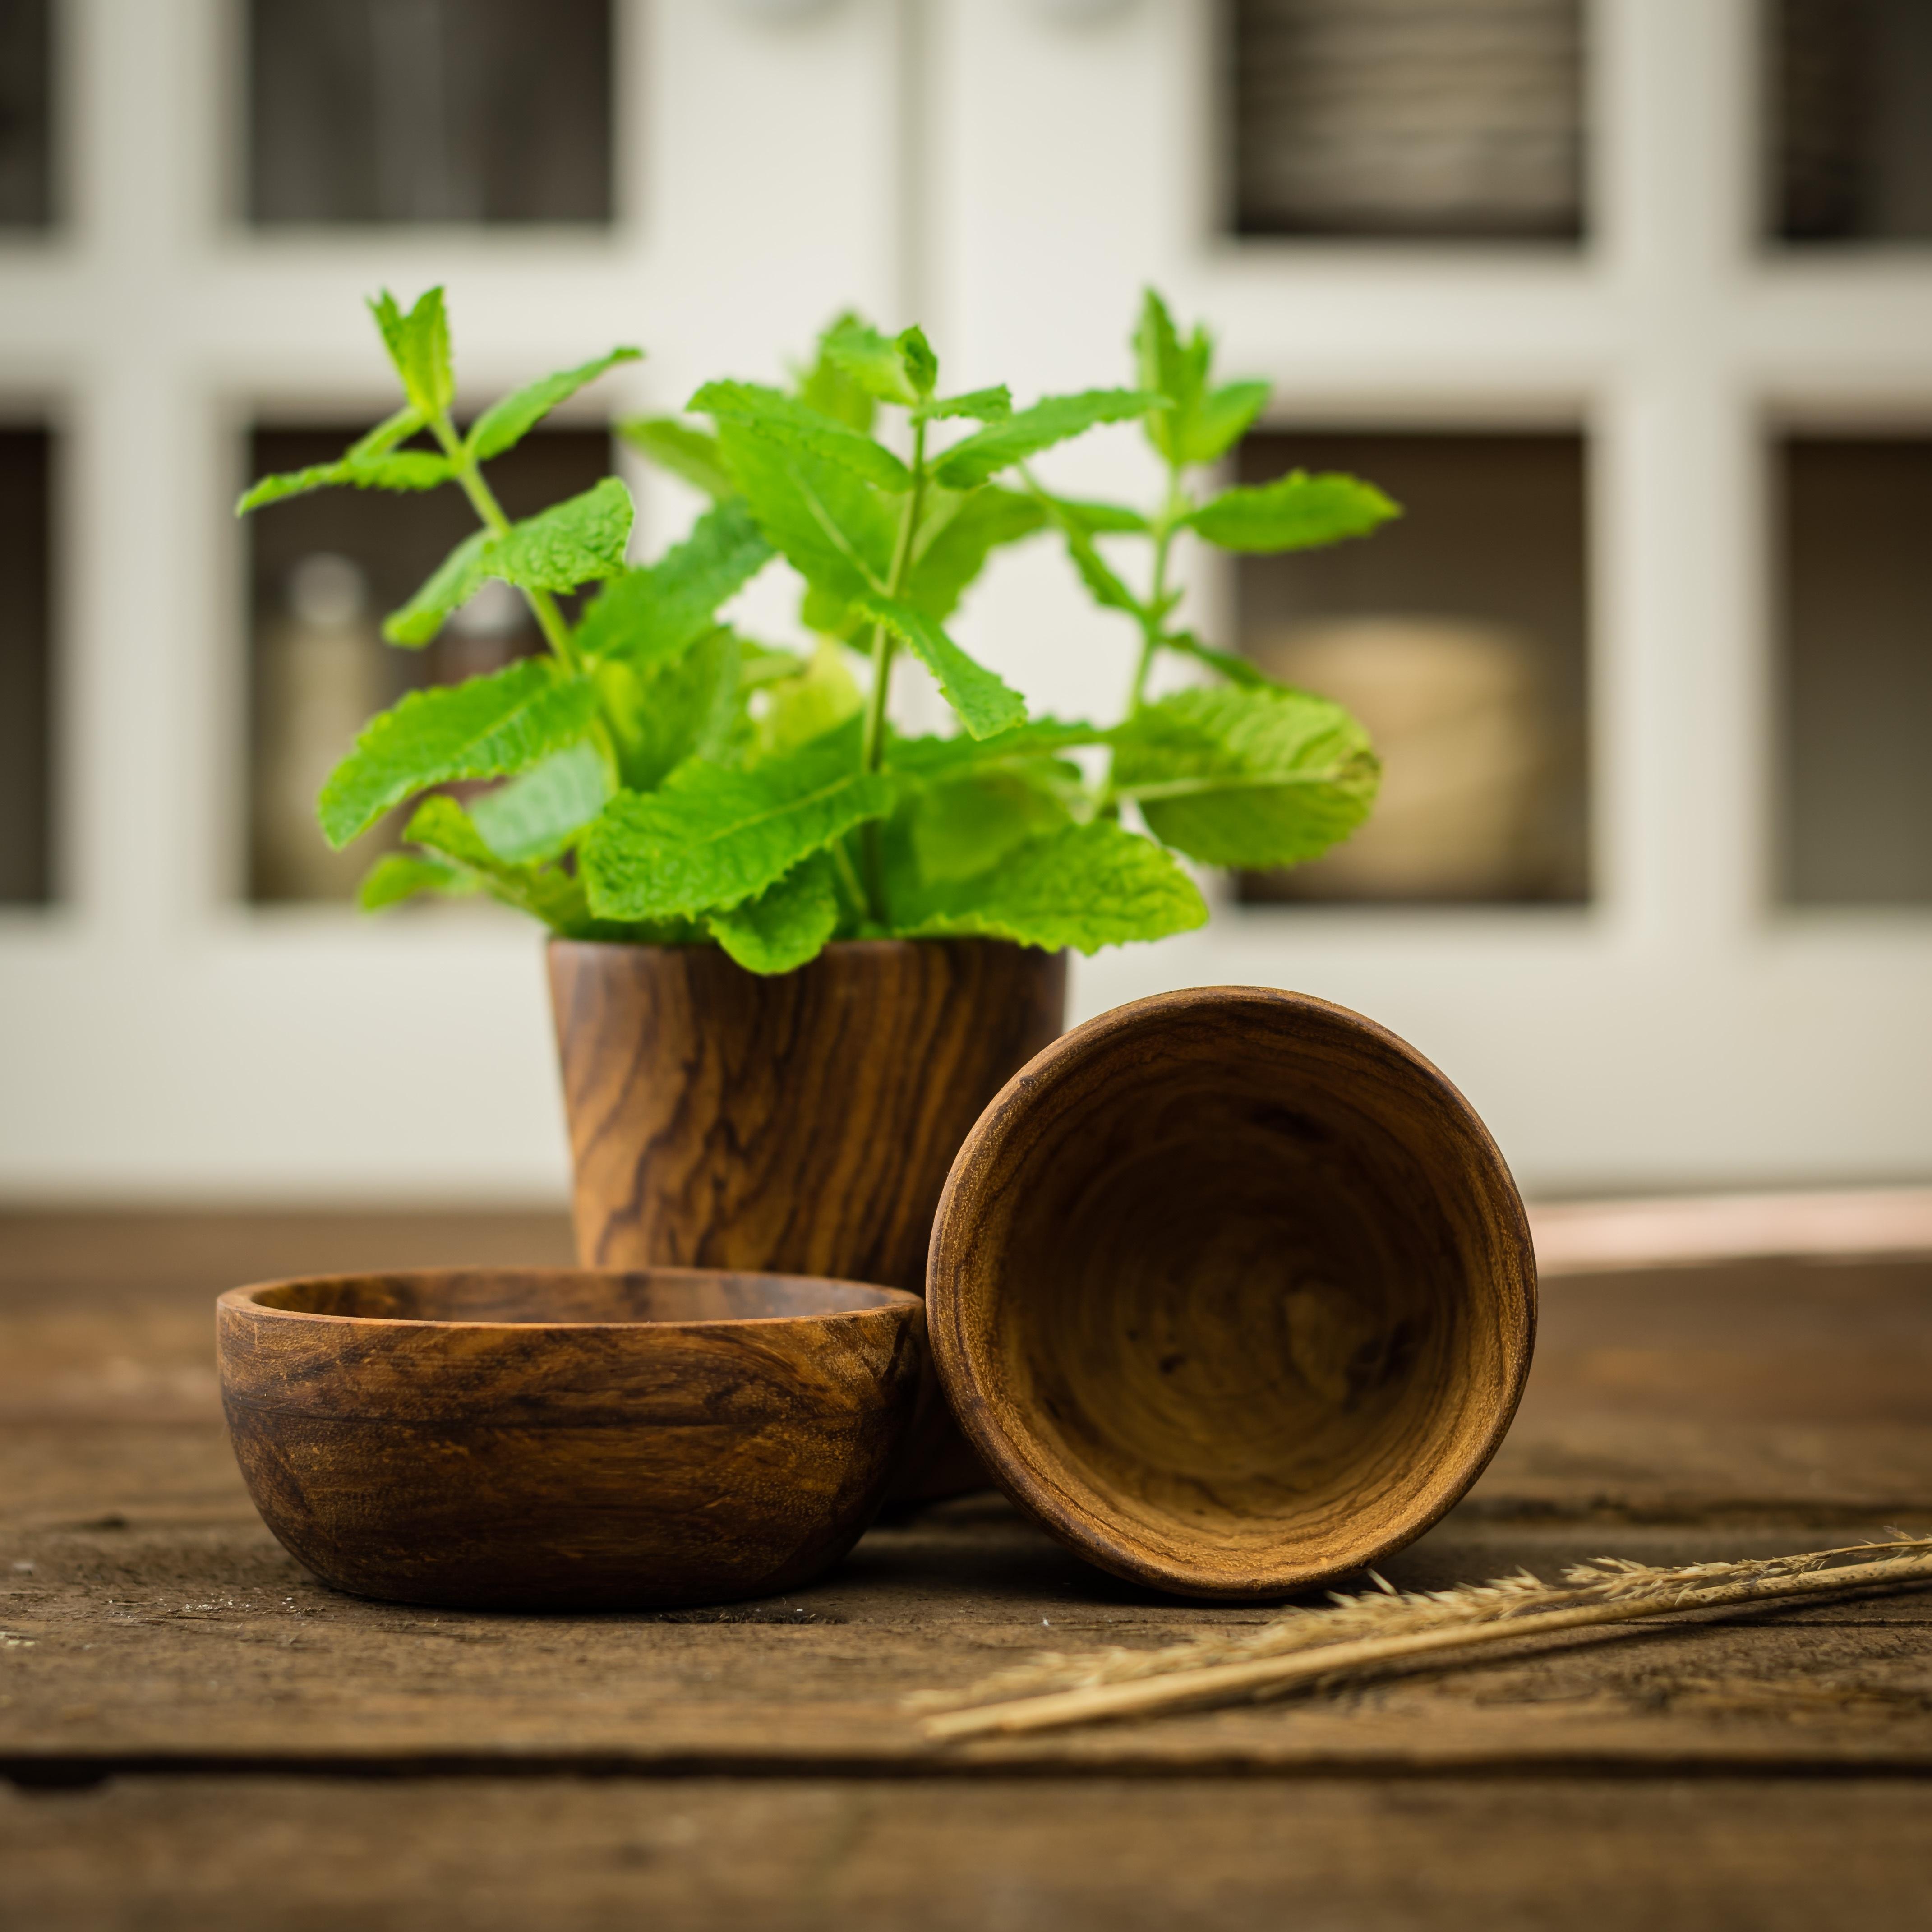 Pot Plante En Bois images gratuites : plante, bois, feuille, verre, plat, vert